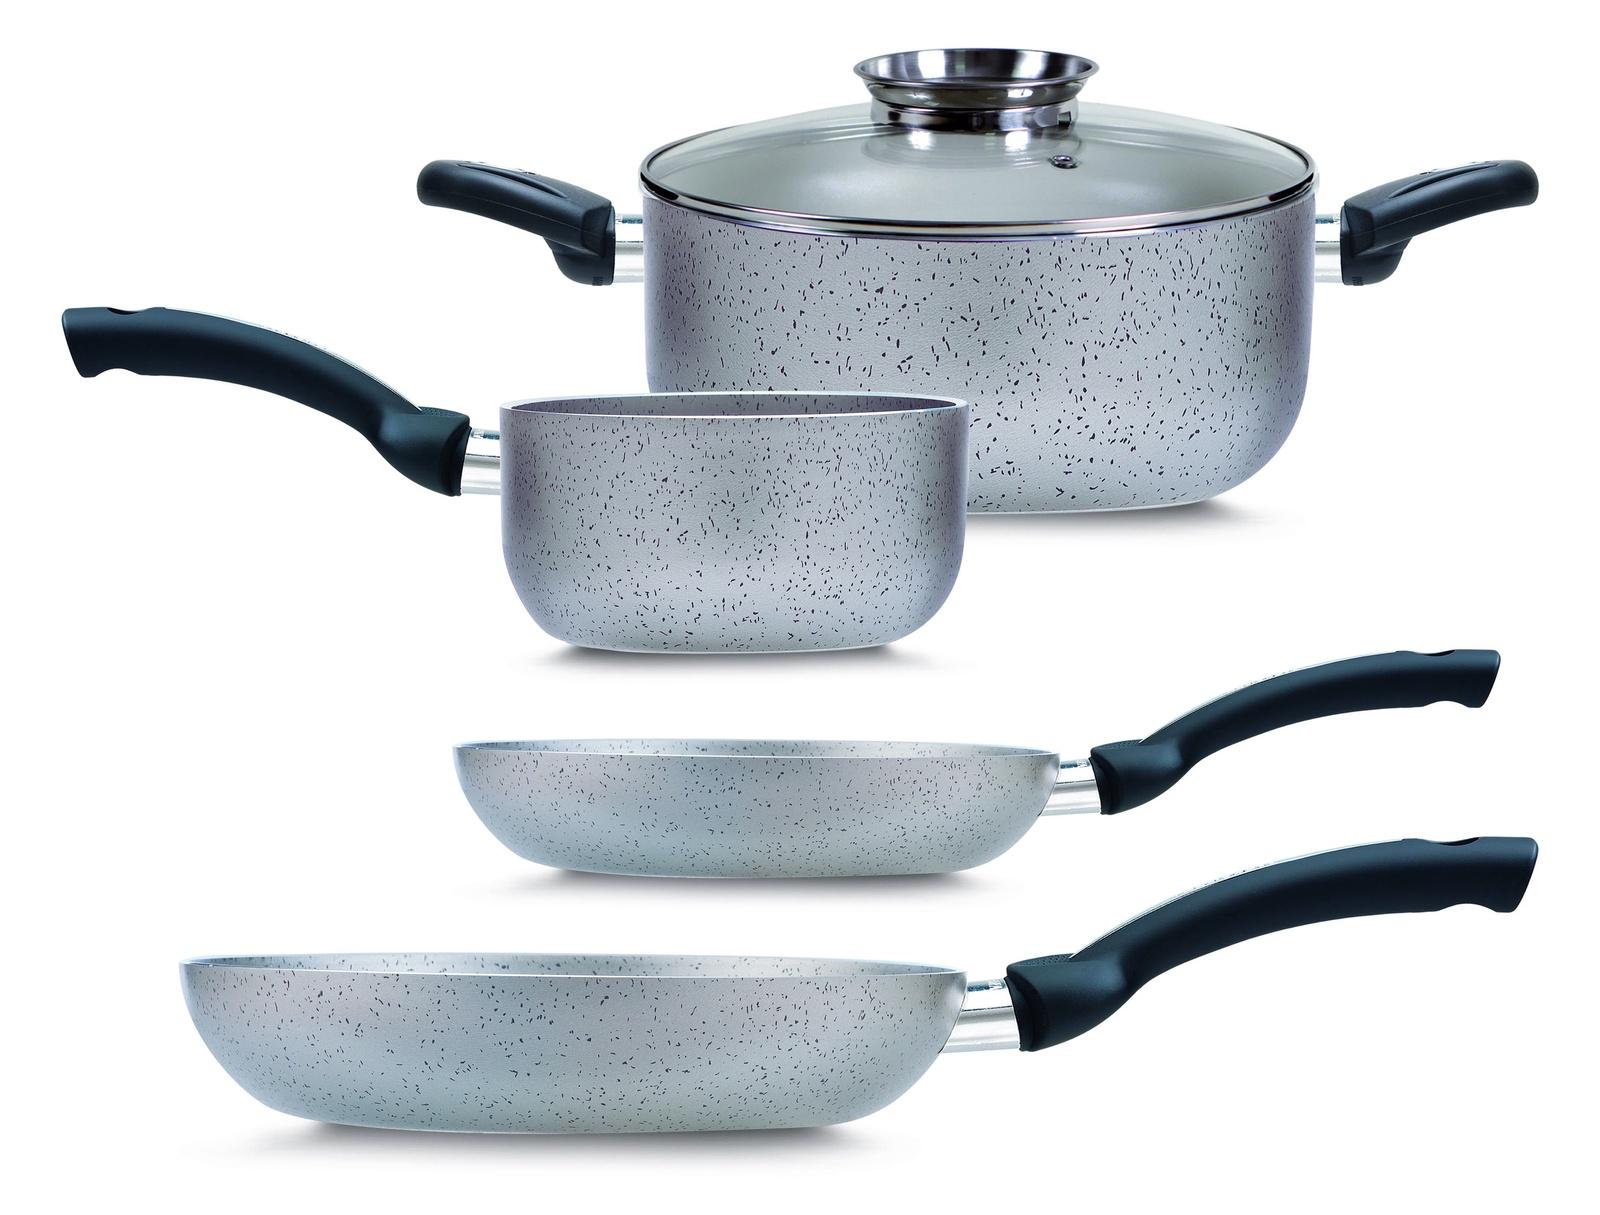 Набор посуды для приготовления PENSOFAL PEN9926 INDUCTA BIO STONE Set Набор 5 пр. (2 сков., 1 ковш, 1 кастрюля, 1 крышка), серый цены